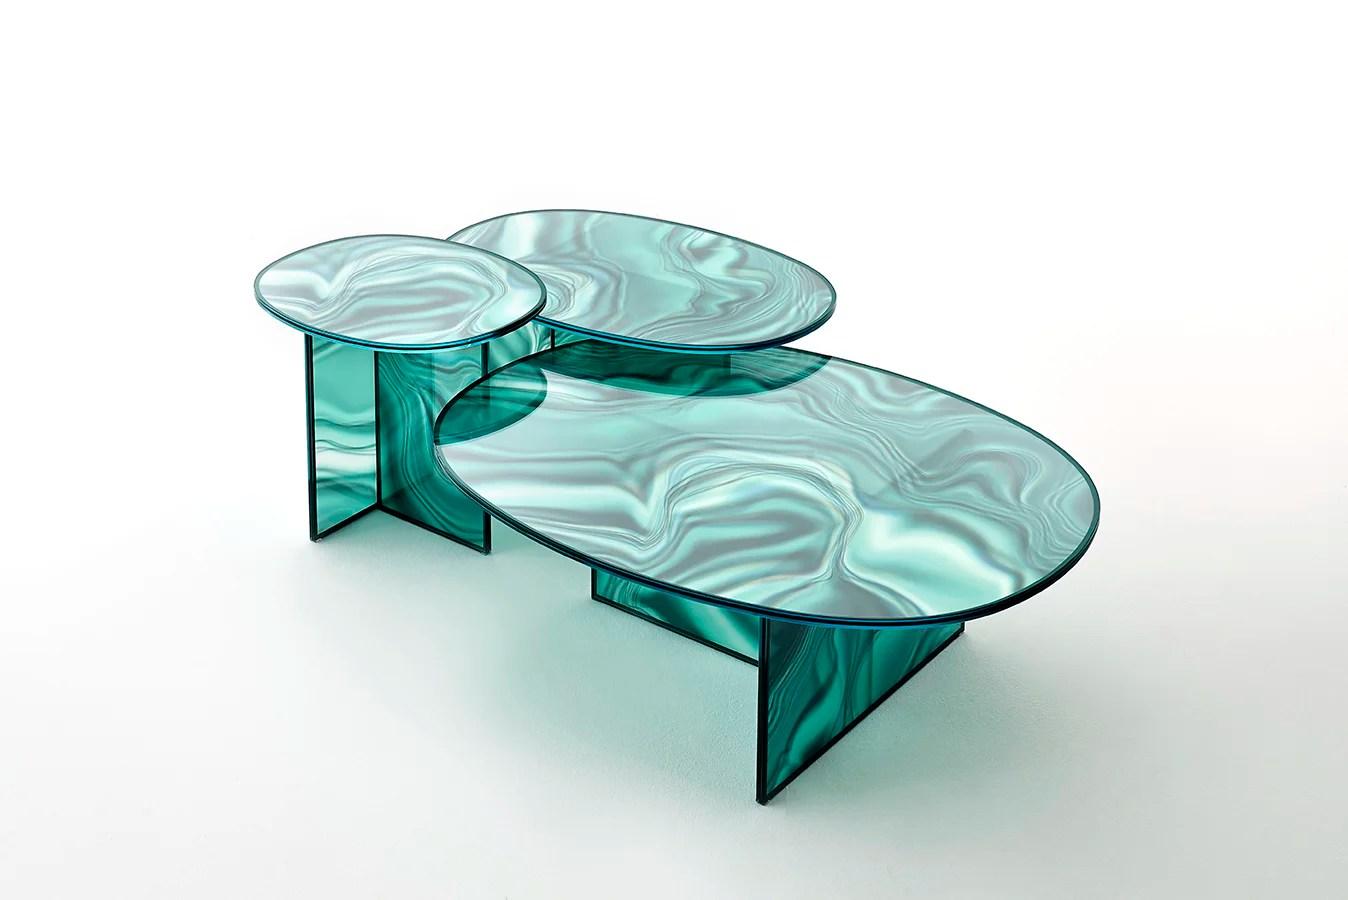 Patricia Urquiola , Las mesas liquefy de vidrio templado, producidas por Glas Italia, son un diseño de la española Patricia Urquiola. Cuentan con un tratamiento especial que simula la textura del mármol con la ligereza y lo translúcido del vidrio.